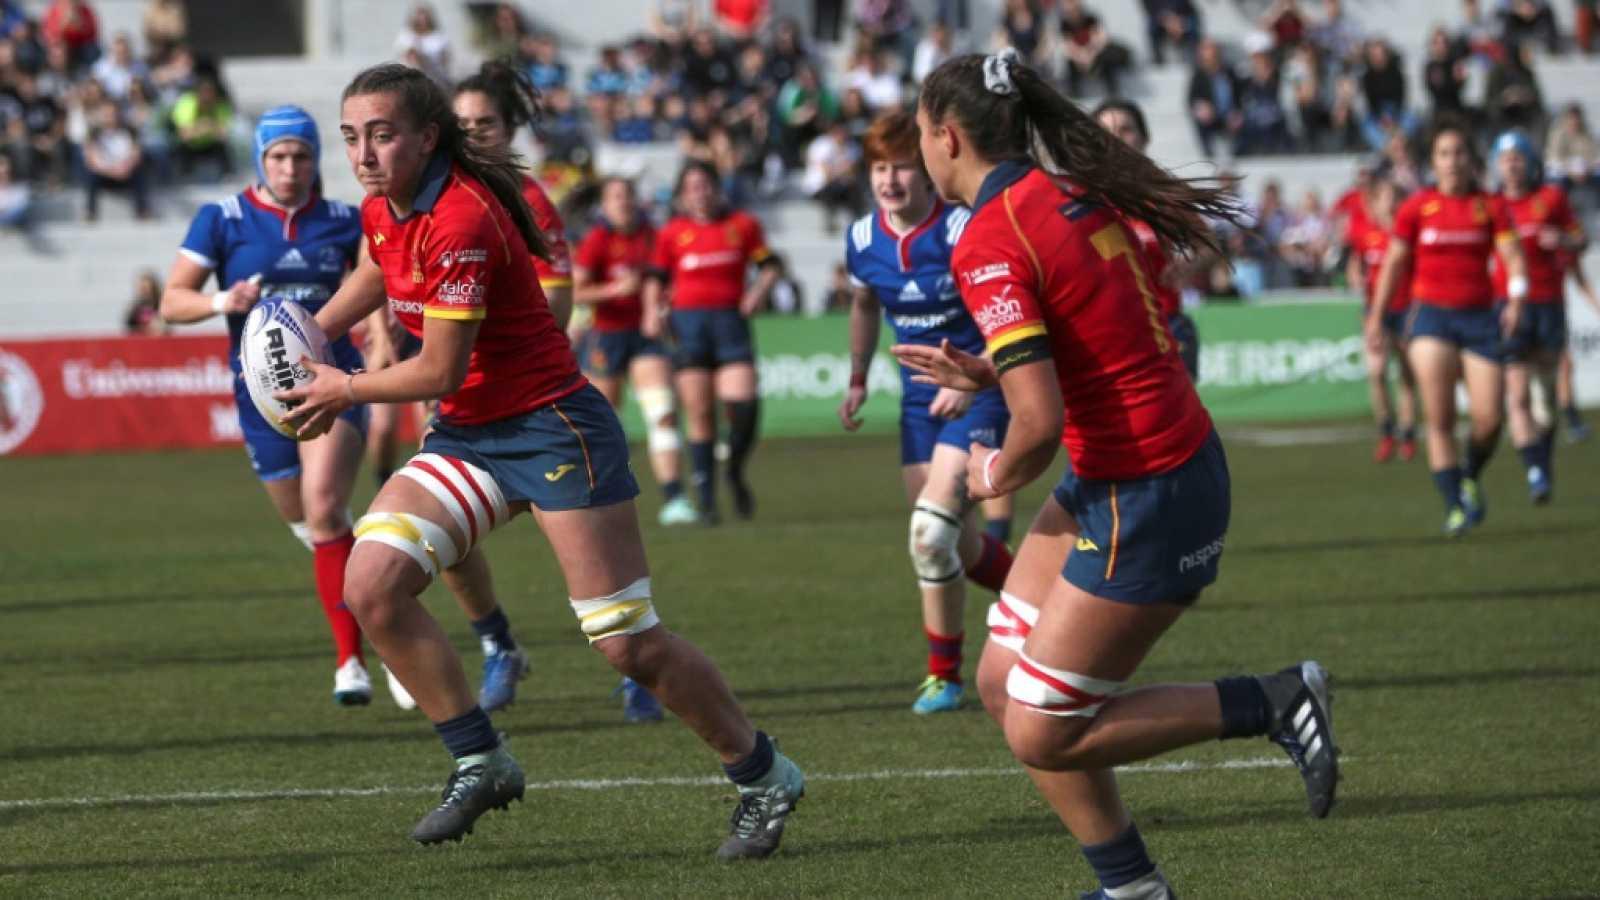 Entrada gratis para la final del Campeonato de Europa de Rugby Femenino (Madrid)